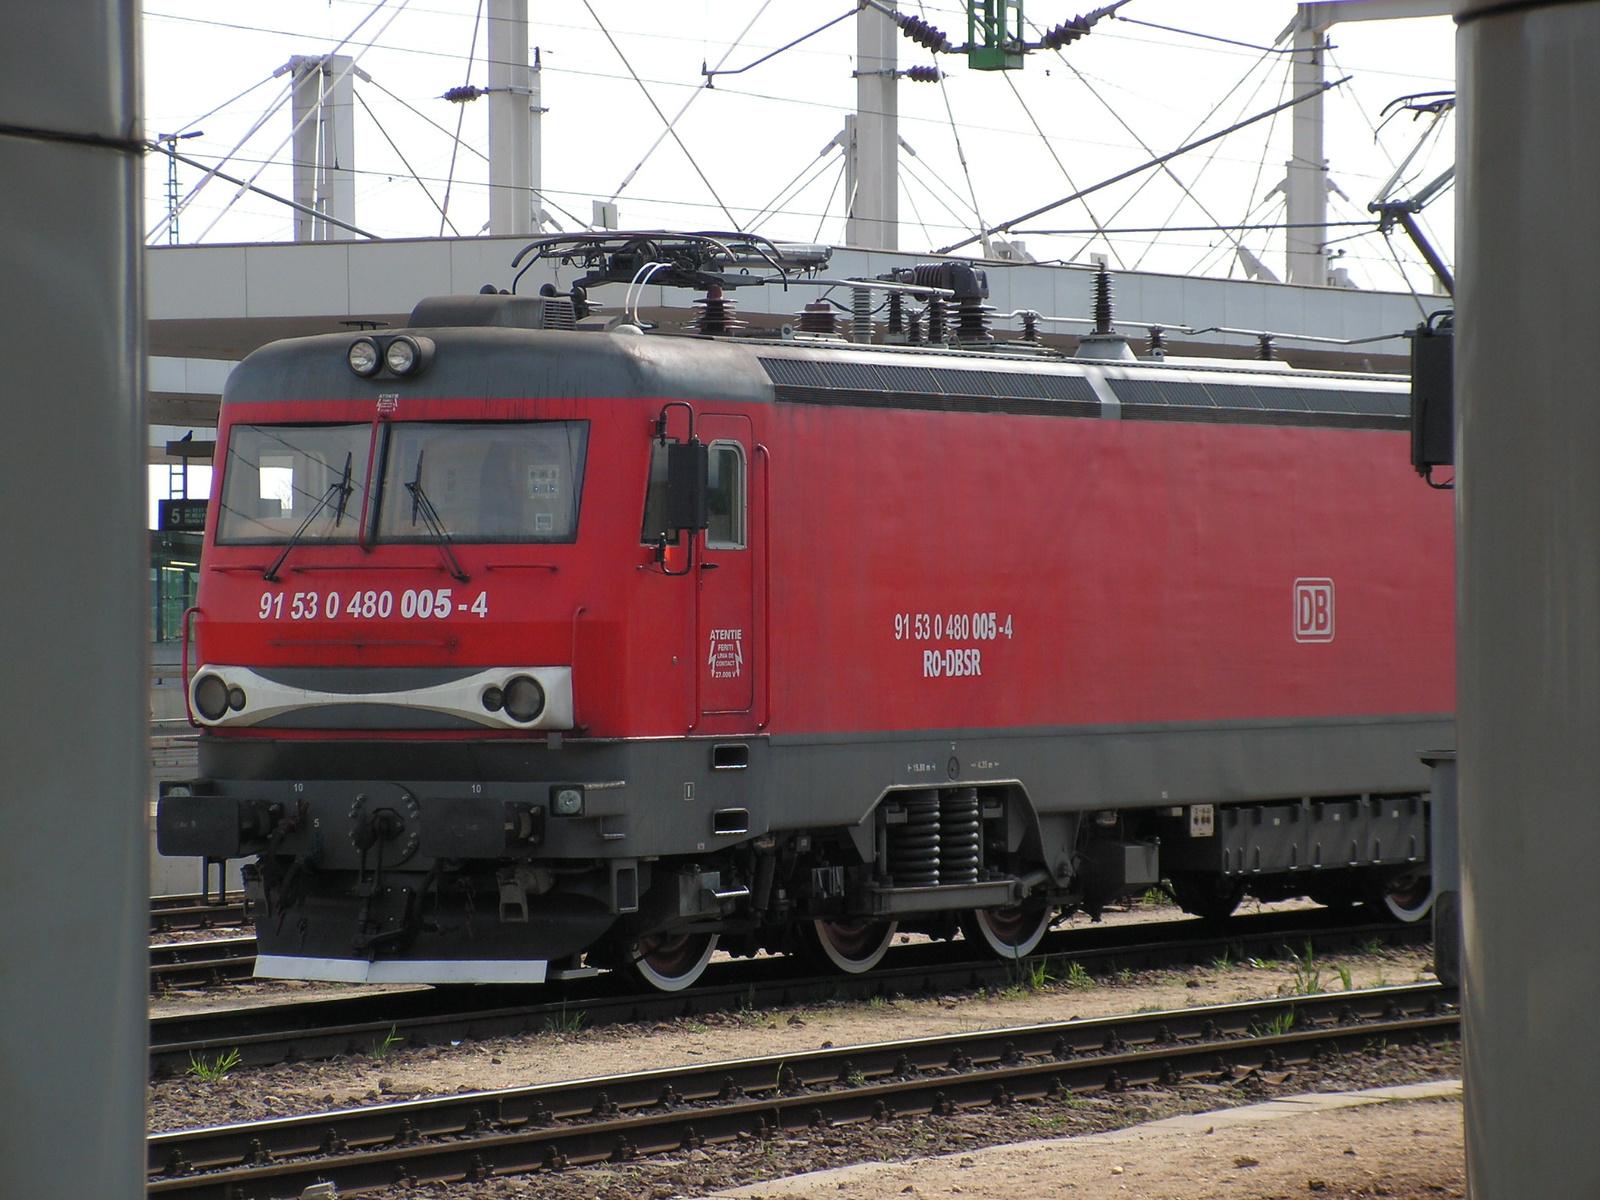 Kelenföldi pu., RO-DBSR 91 53 0 480 005-4, SzG3